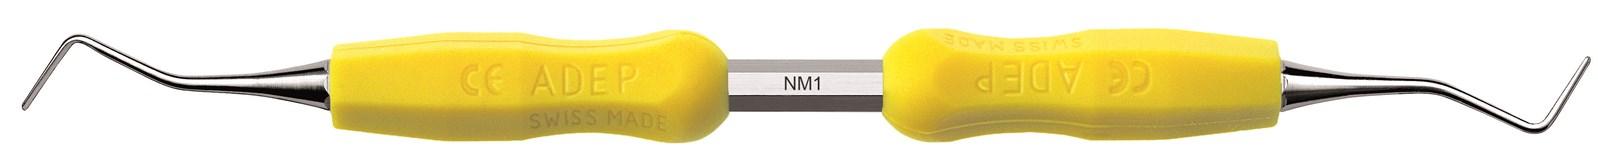 Lžičkové dlátko - NM1, ADEP růžový